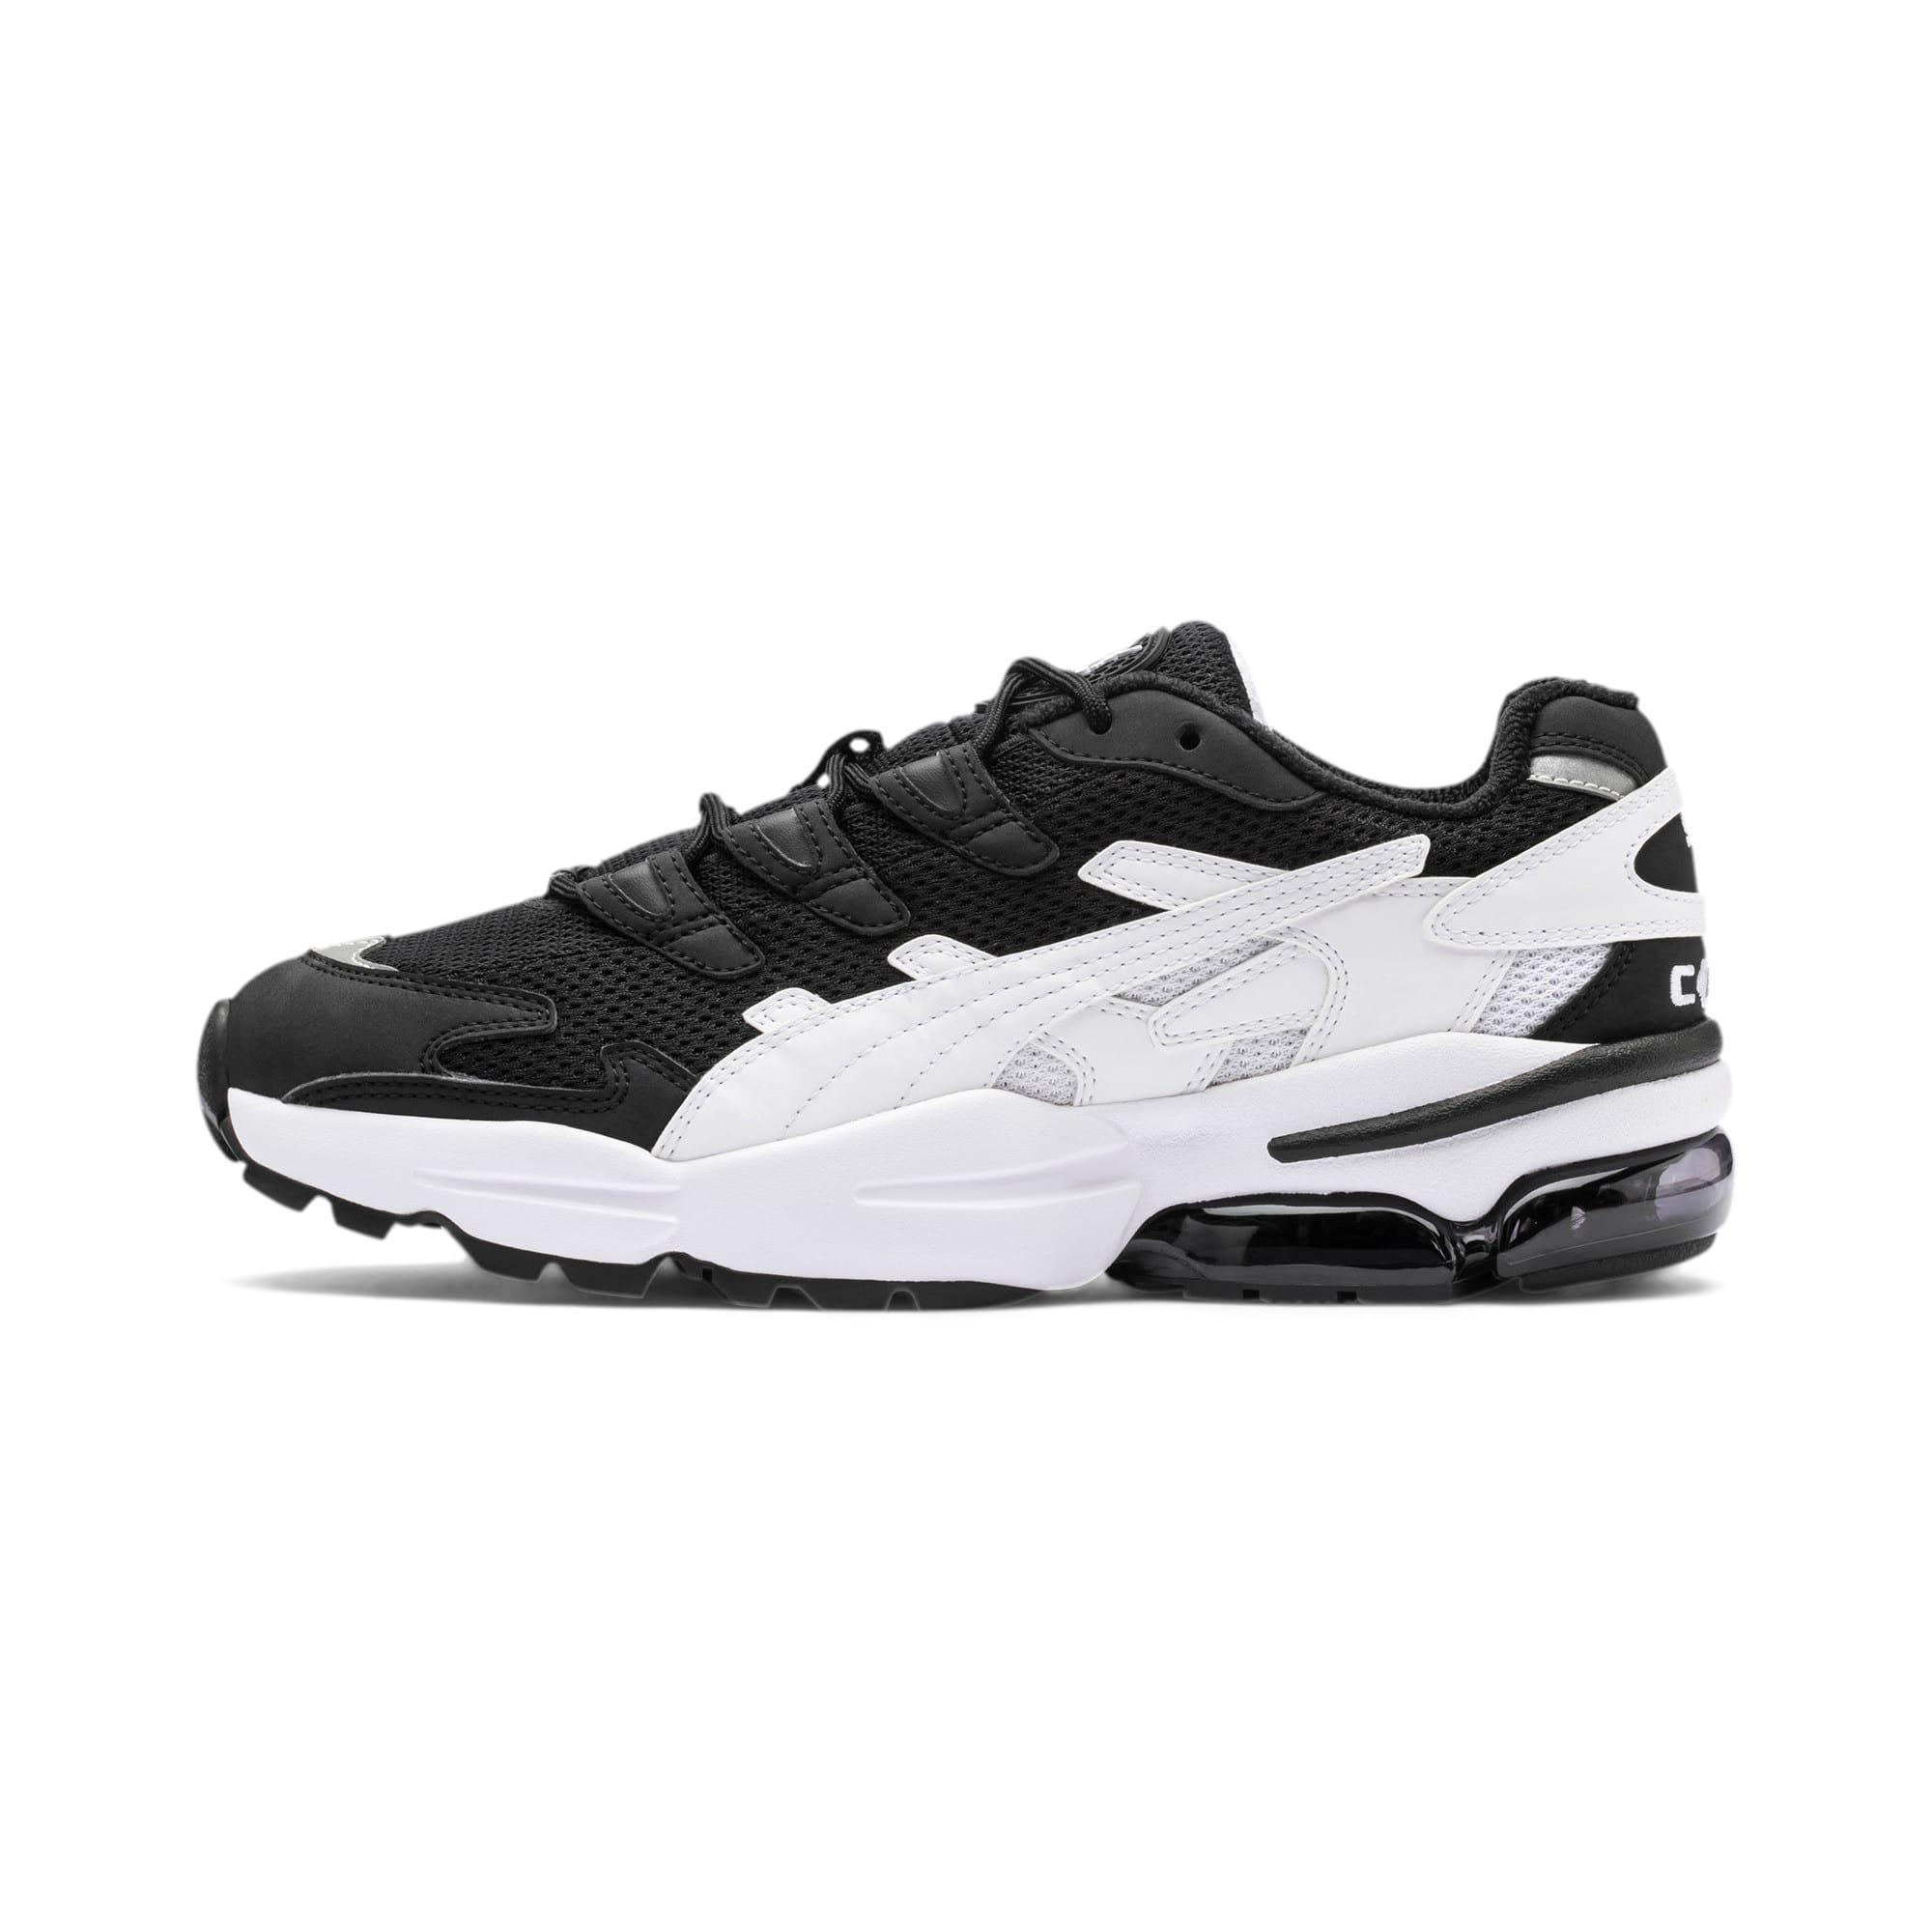 Thumbnail 1 of CELL Alien OG Sneaker, Puma Black-Puma White, medium